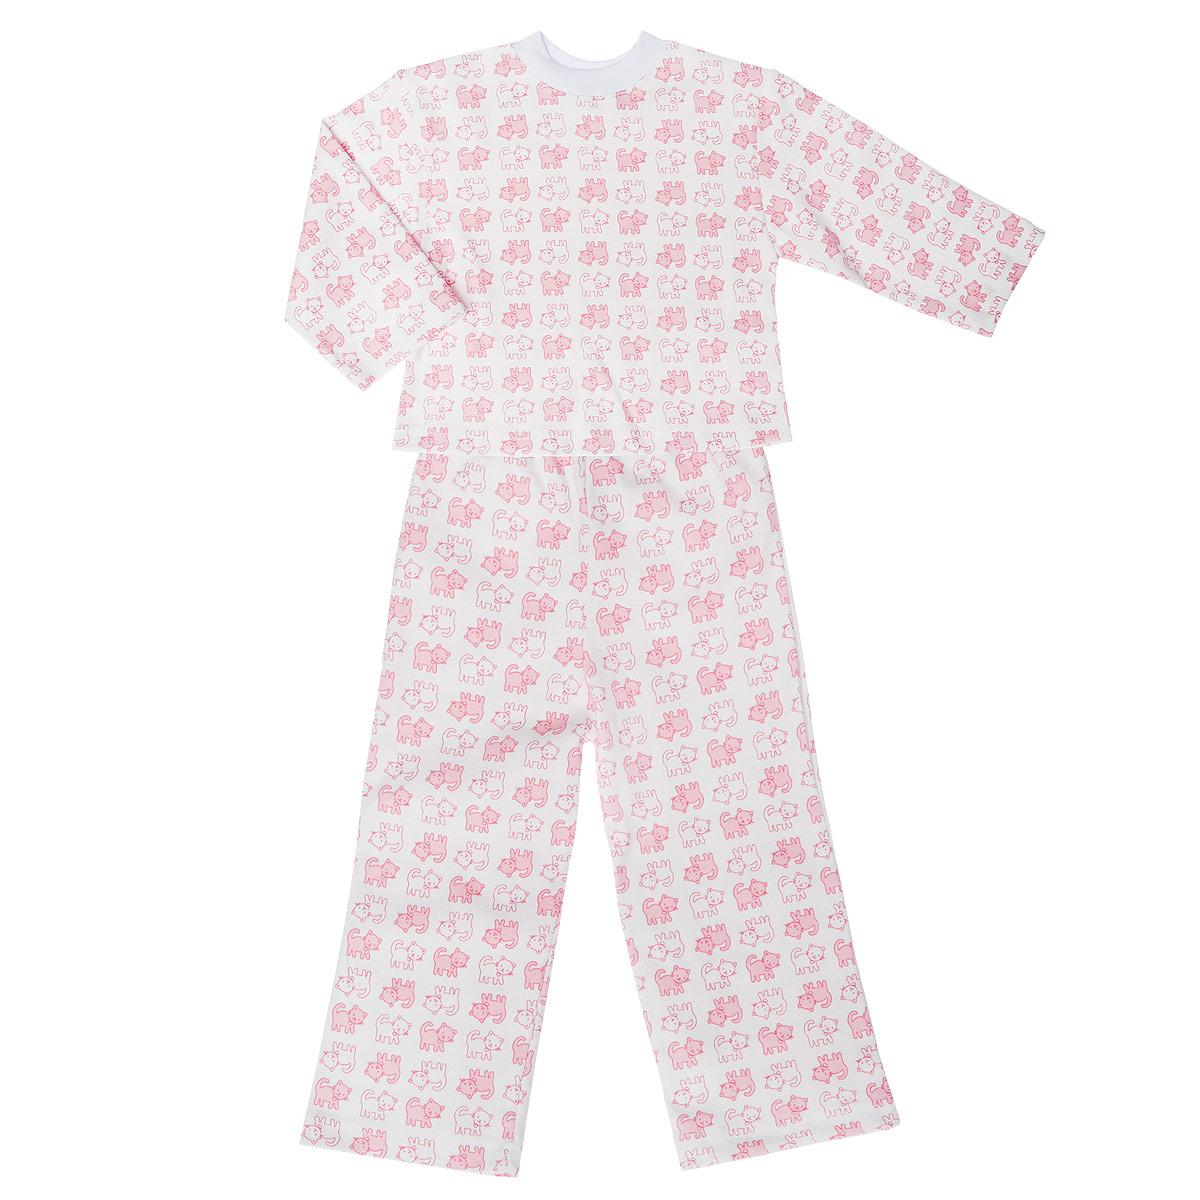 Пижама детская. 5584_котенок5584_котенокУютная детская пижама Трон-плюс, состоящая из джемпера и брюк, идеально подойдет вашему ребенку и станет отличным дополнением к детскому гардеробу. Изготовленная из натурального хлопка, она необычайно мягкая и легкая, не сковывает движения, позволяет коже дышать и не раздражает даже самую нежную и чувствительную кожу ребенка. Джемпер с длинными рукавами и круглым вырезом горловины оформлен ненавязчивым принтом с изображением котят. Вырез горловины дополнен трикотажной эластичной резинкой. Брюки на талии имеют эластичную резинку, благодаря чему не сдавливают живот ребенка и не сползают. Оформлены брючки также ненавязчивым принтом с изображением котят. В такой пижаме ваш ребенок будет чувствовать себя комфортно и уютно во время сна.